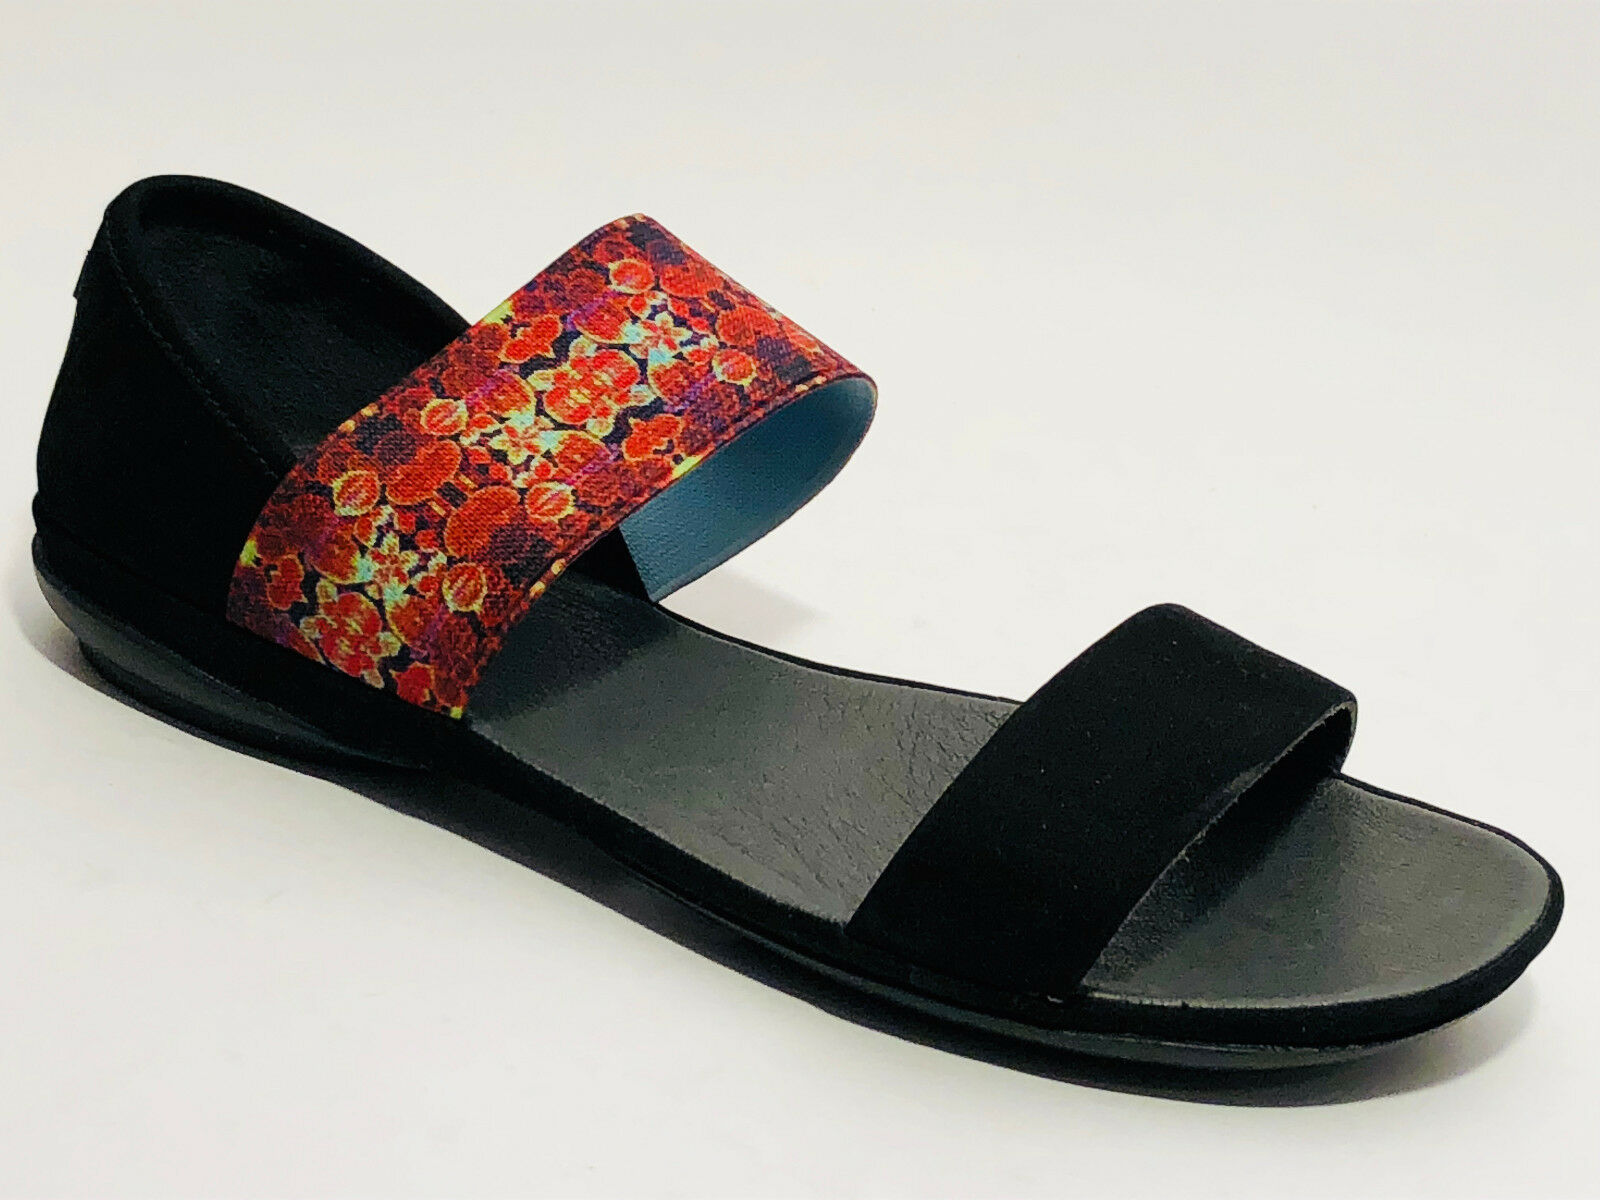 Camper Schuhe Nubuk Leder Sandalen Größe 37 (UK 4) schwarz Rist Gummi Camper